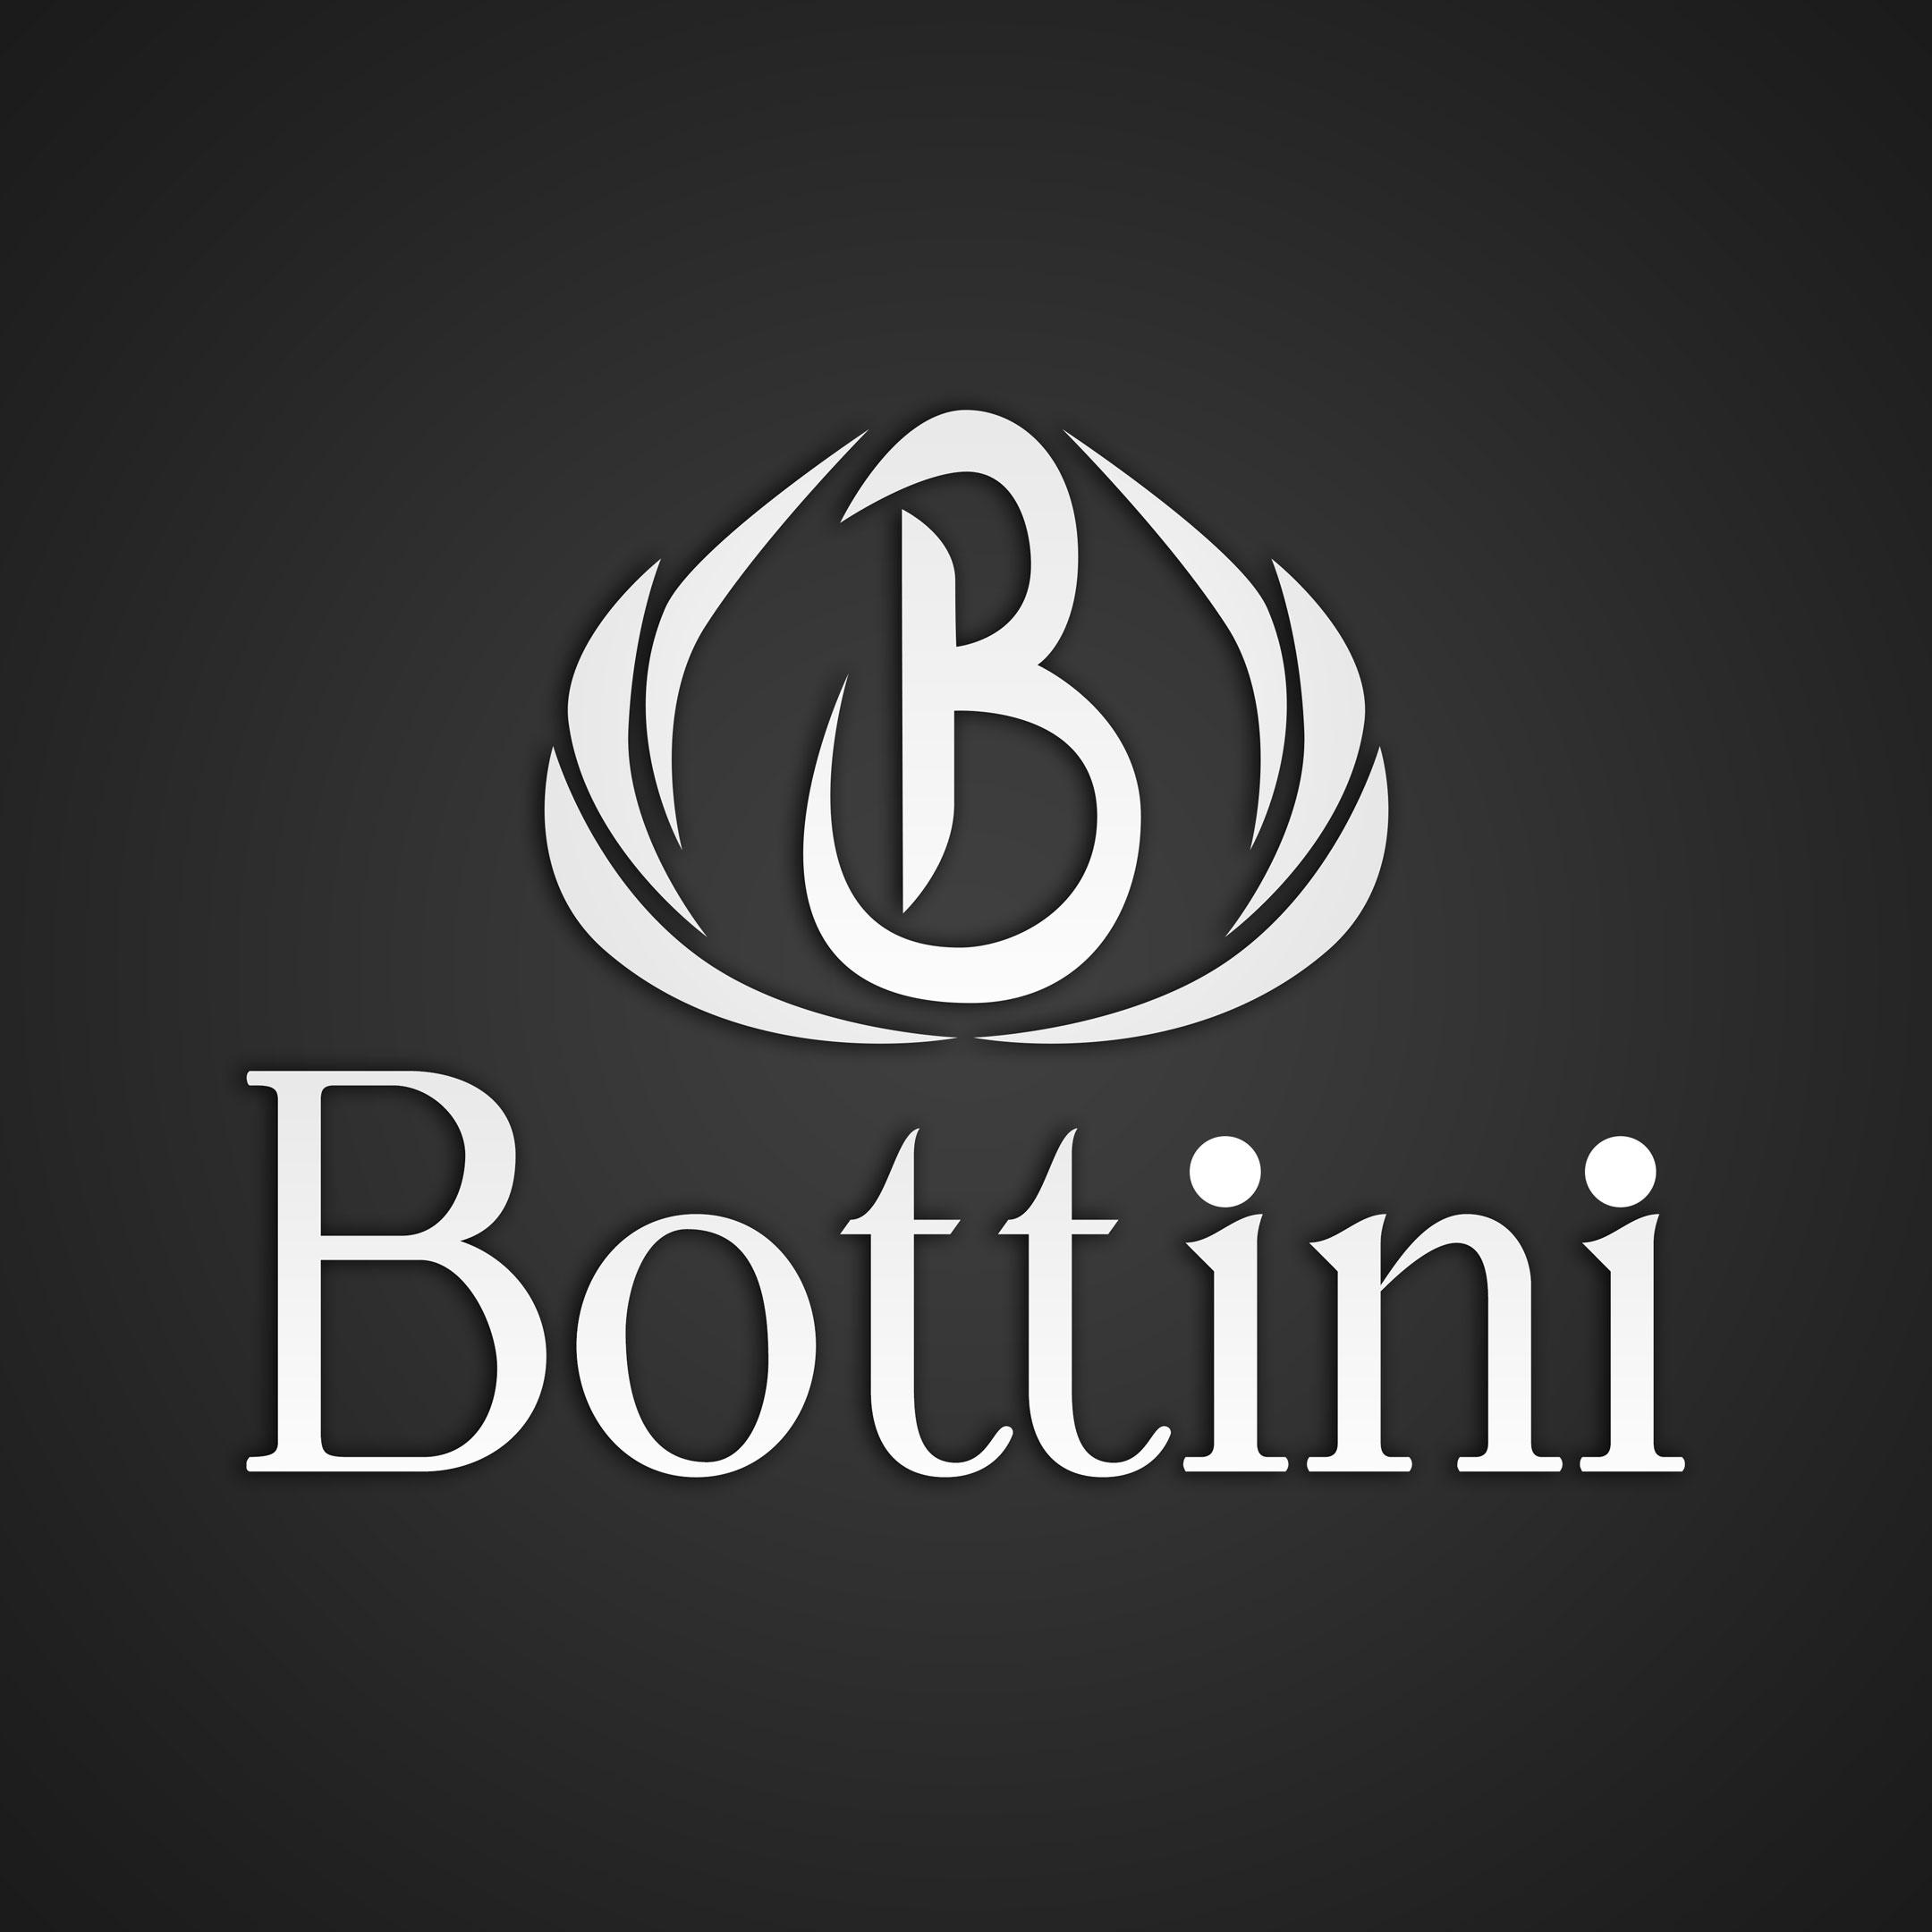 Bottini-Logo-Çalışması-2